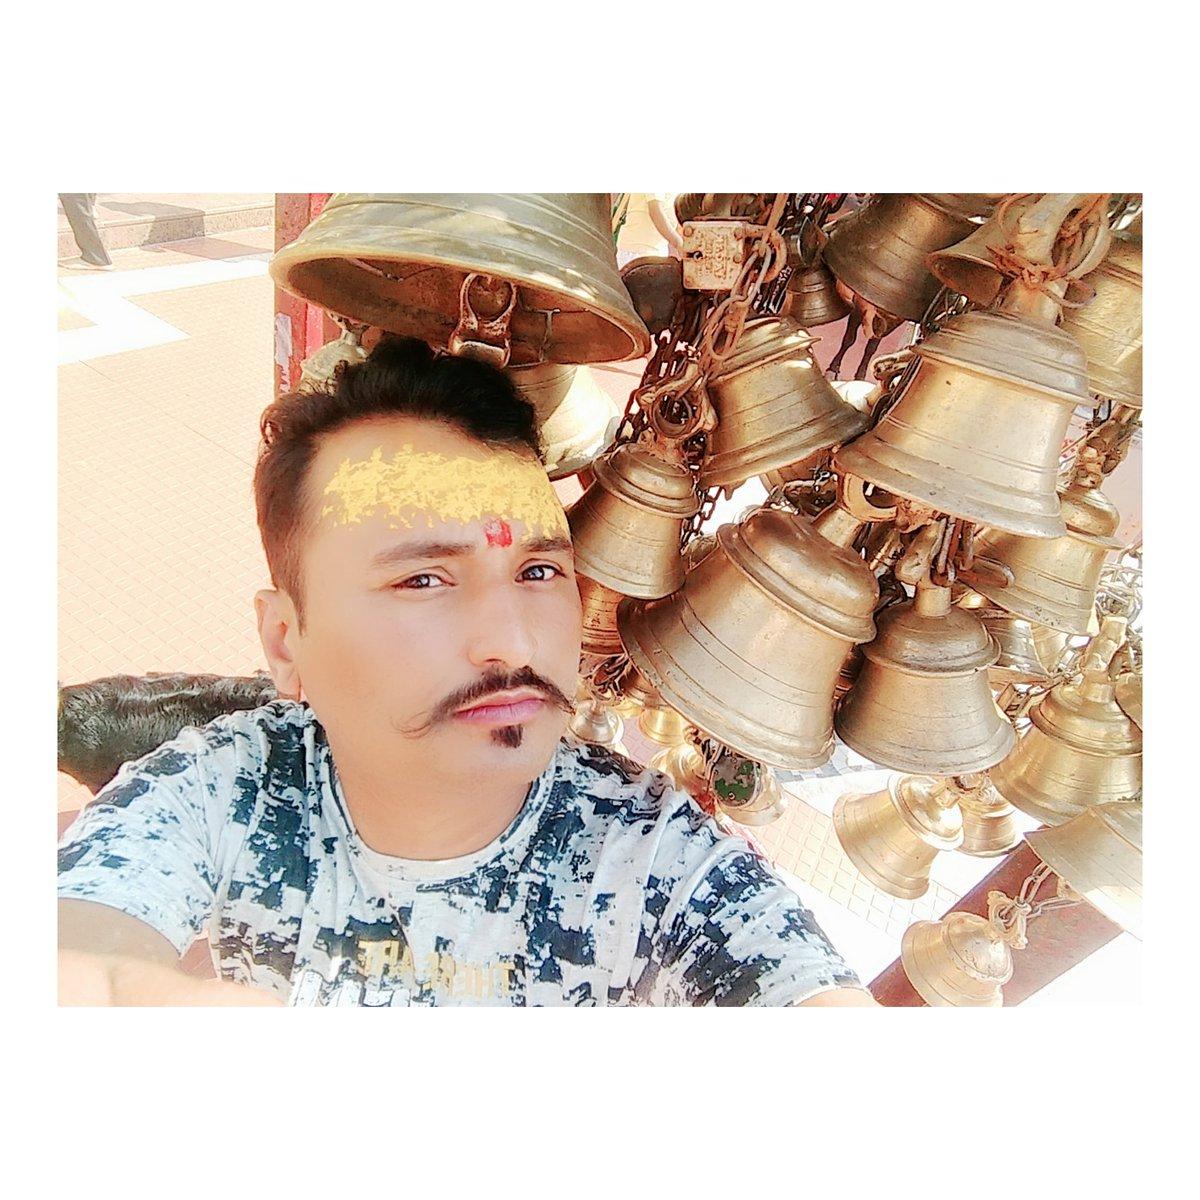 Nagendra Haraya Trilochanaya, Bhasmanga Ragaya Maheshwaraya, Nityaya Shudhaya Digambaraya, Tasmai Na karaya Namah Shivaya ||1||  #deoghar #baidyanathdham #jyotirlingam #shaktipeeth #vedas #puran #Spirituality #inspirationaltour #Traveller #harharmahadevॐ  https://t.co/xtXcaoNvy4 https://t.co/U6xVe5bxvs